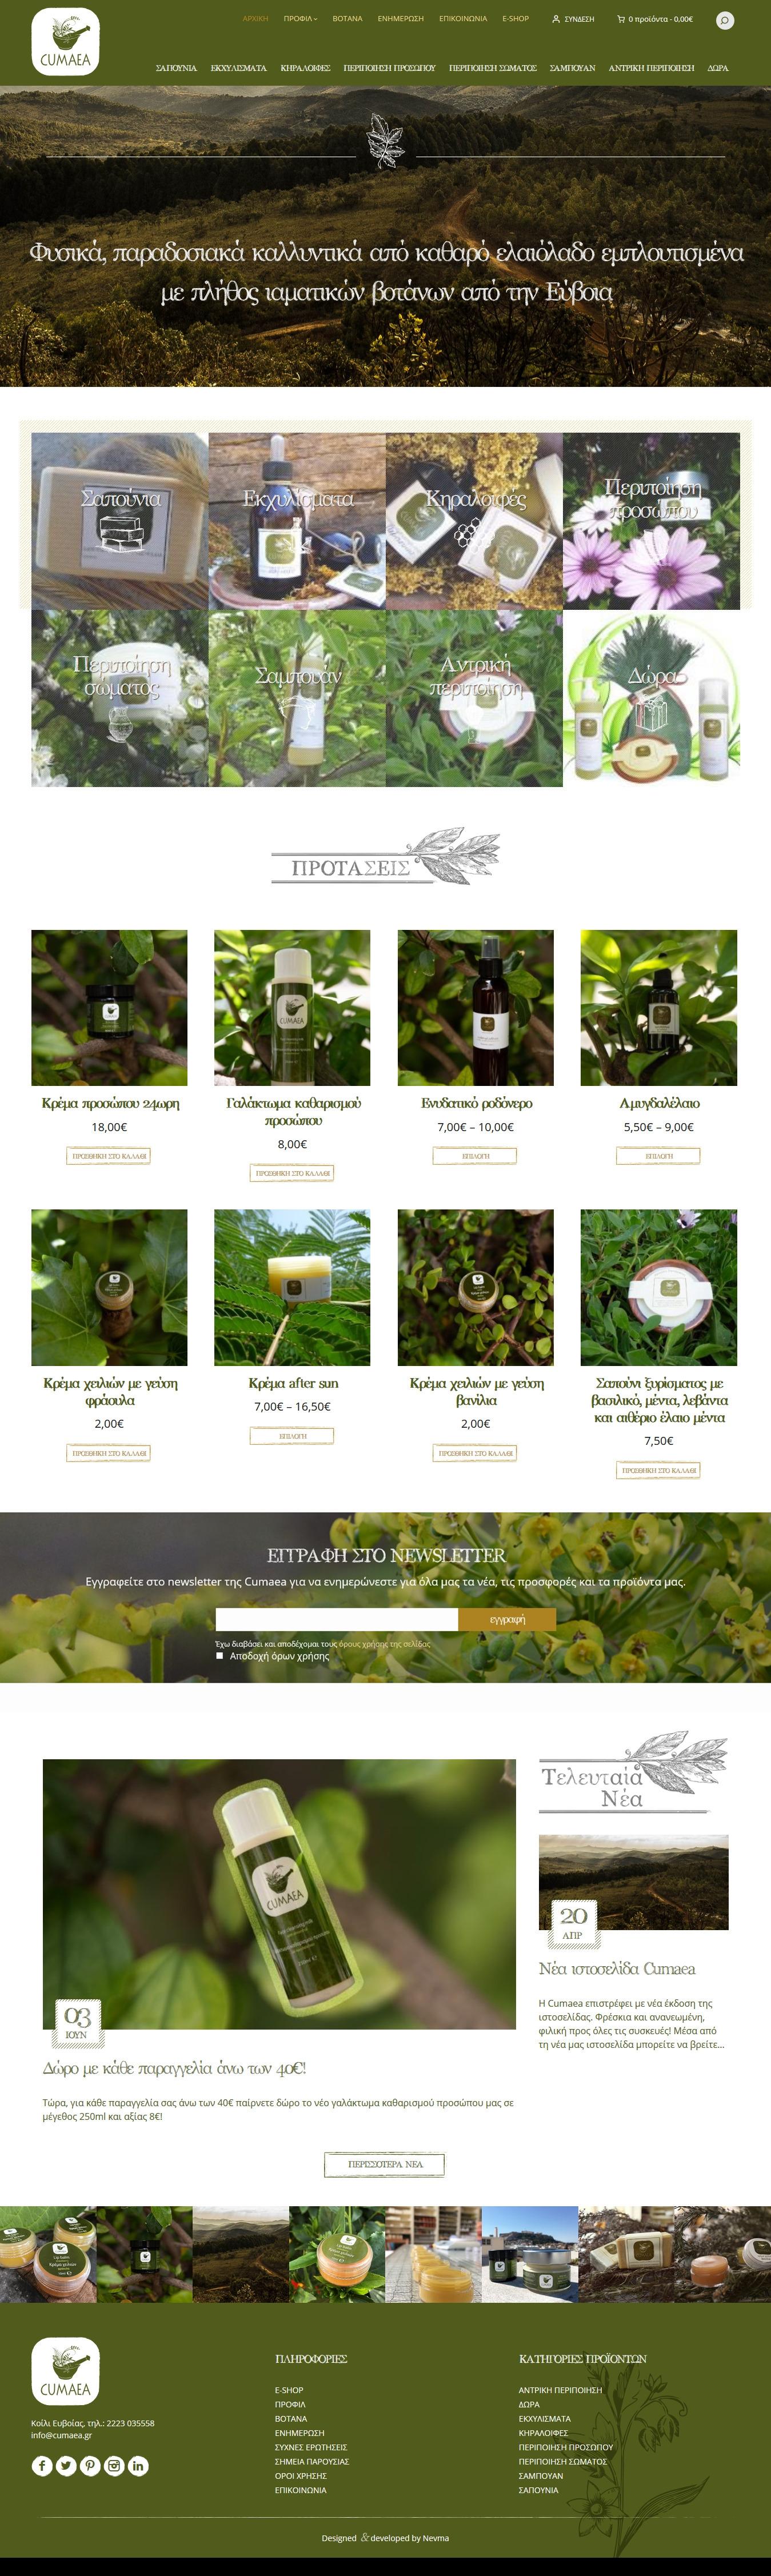 cumaea-website-1.jpg